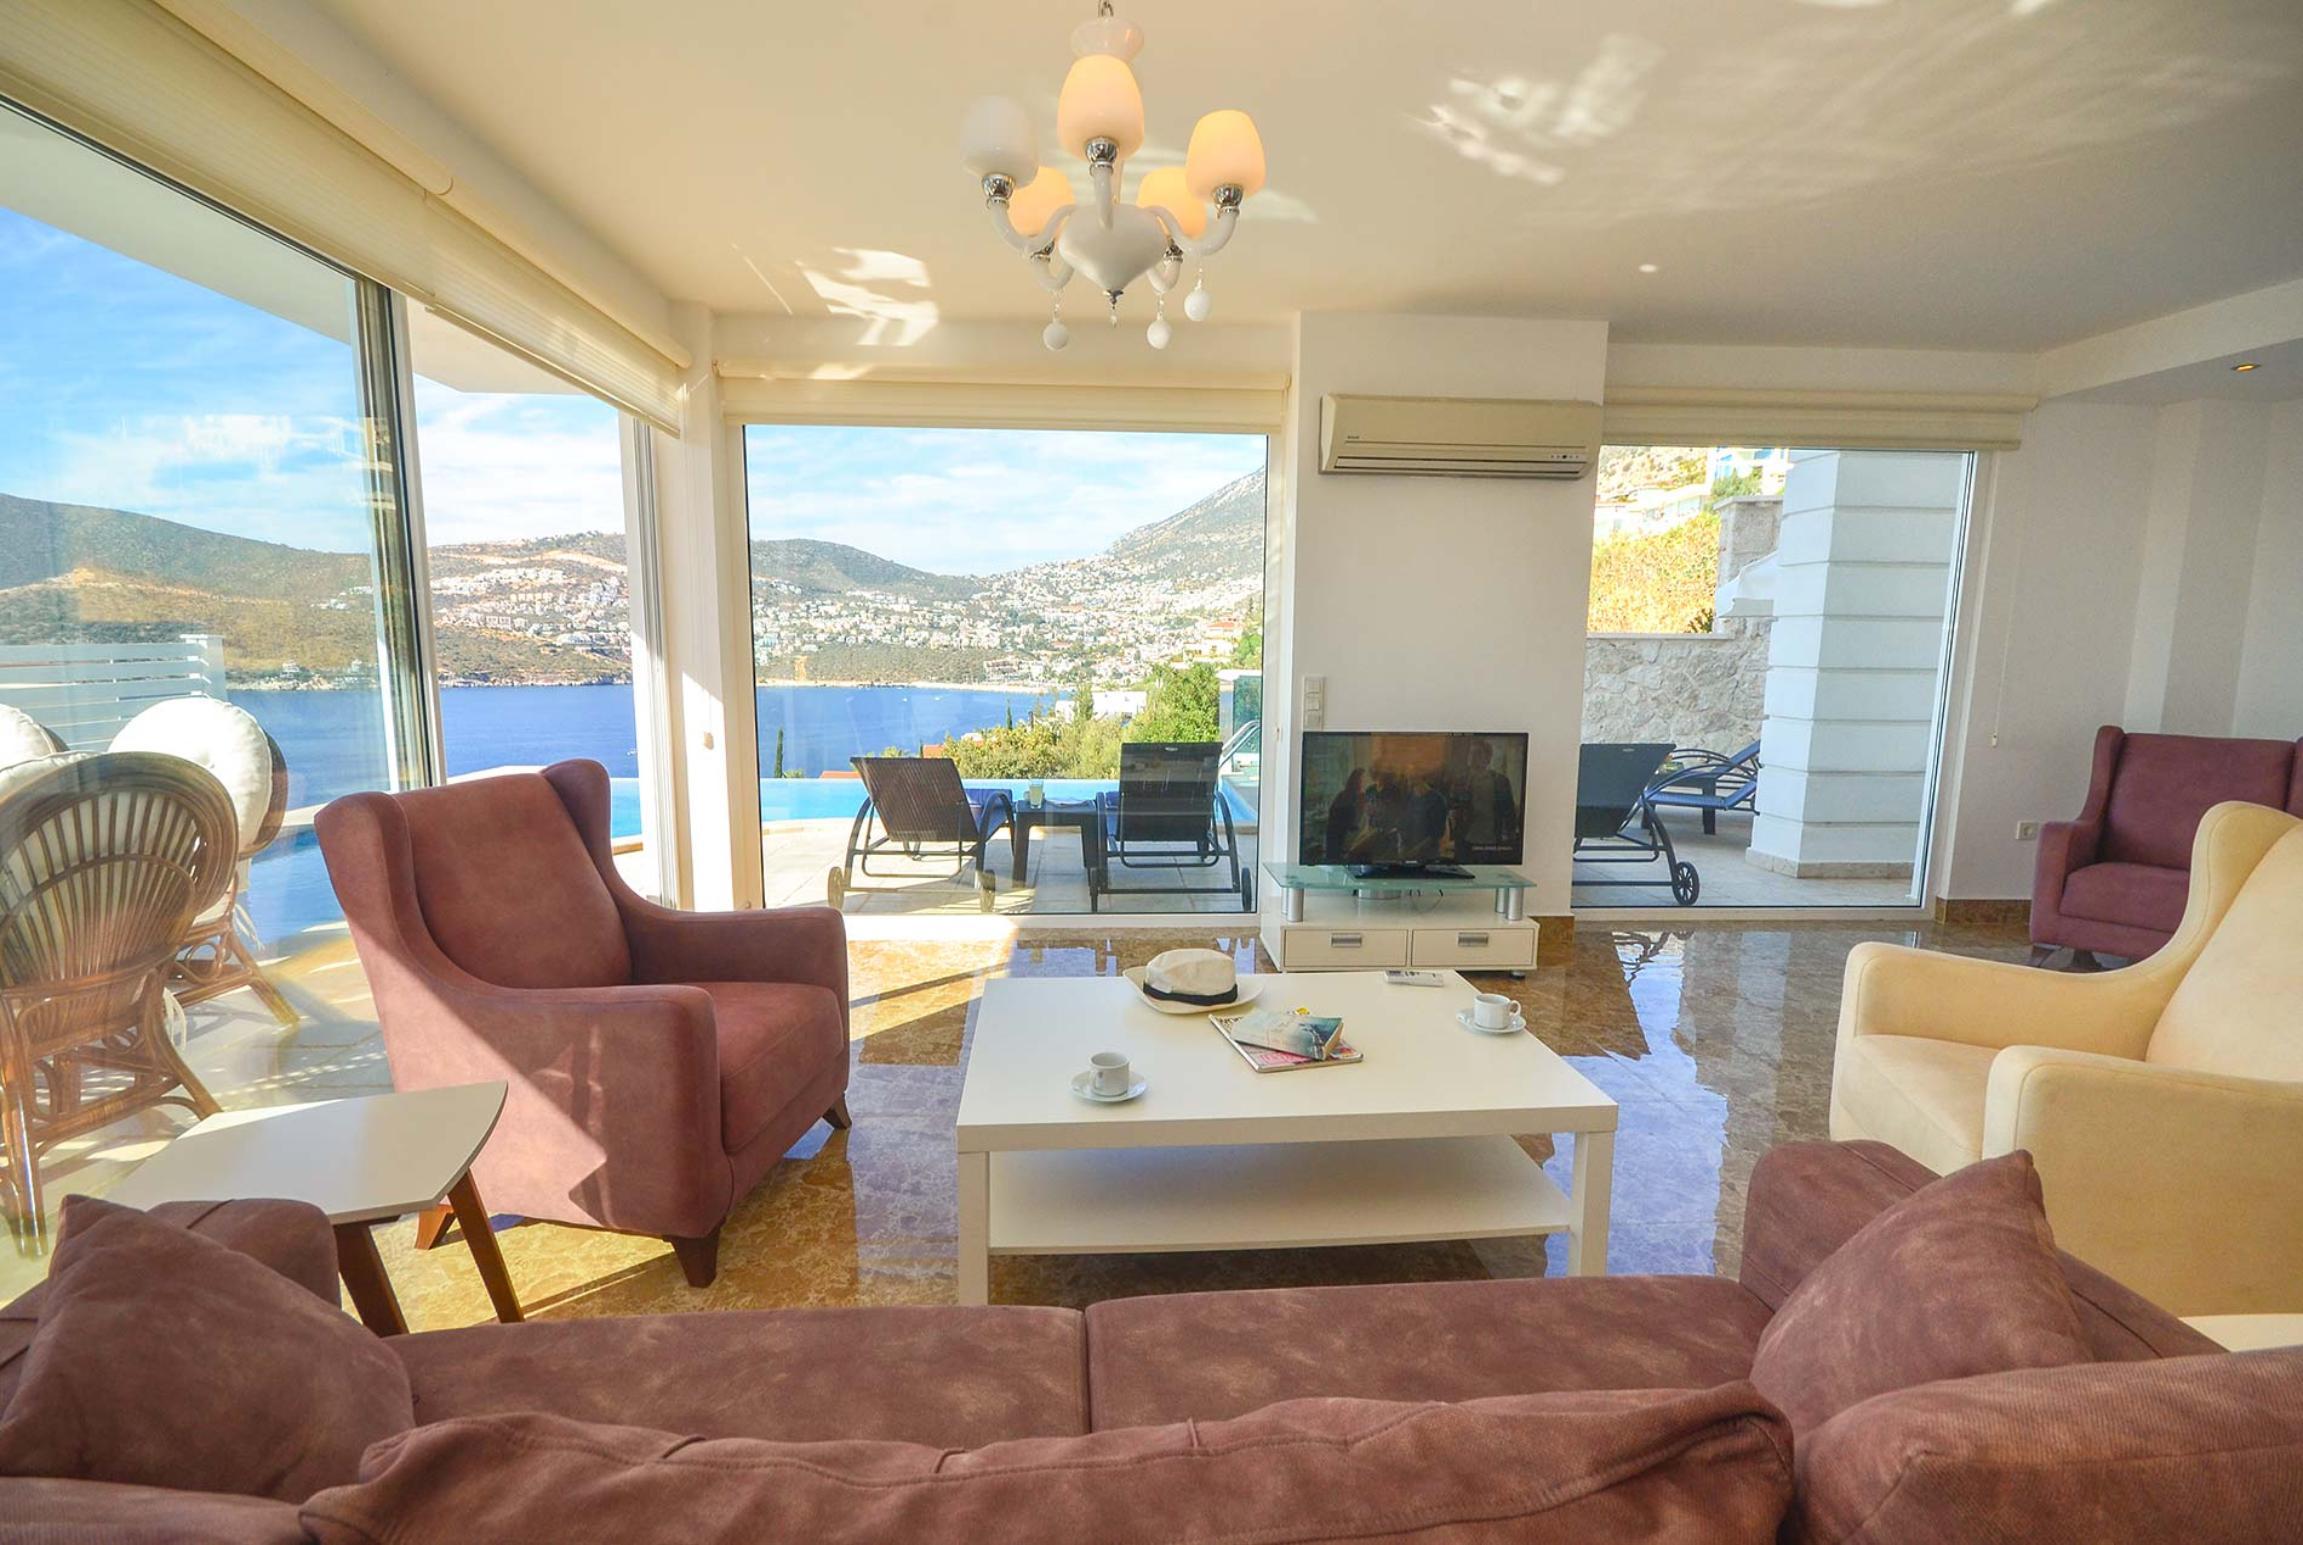 Maison de vacances Villa Everes (2649899), Kalkan, , Région Méditerranéenne, Turquie, image 28